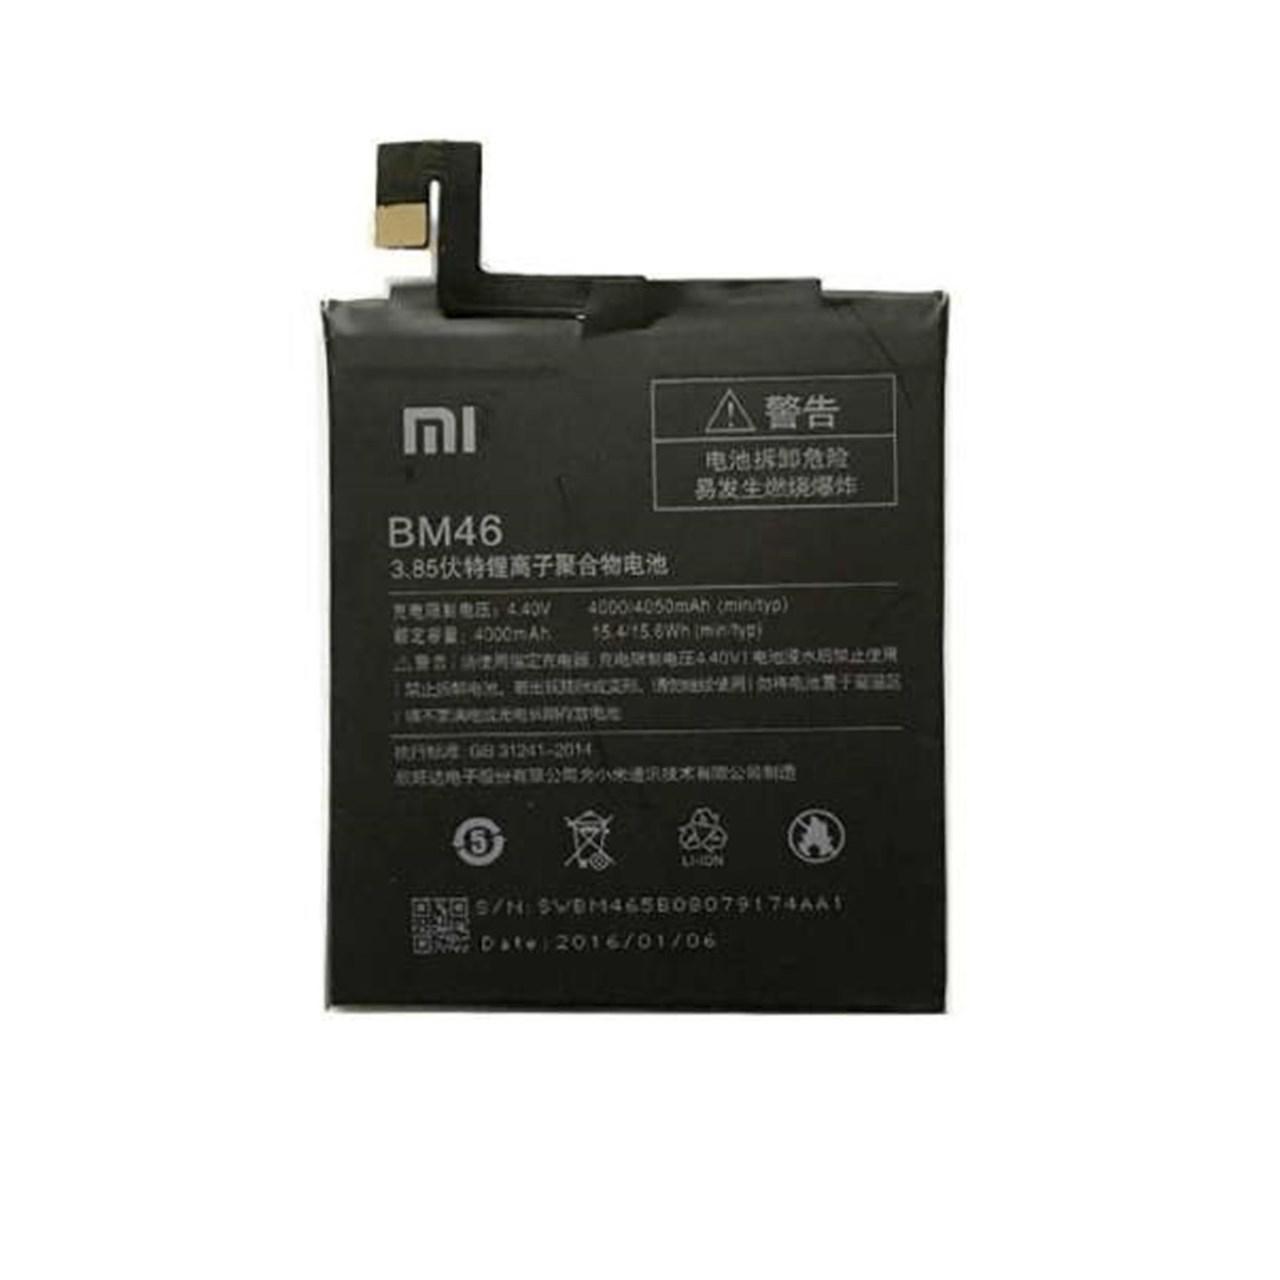 باتری موبایل مدل BM46 مناسب برای گوشی Redmi Note 3